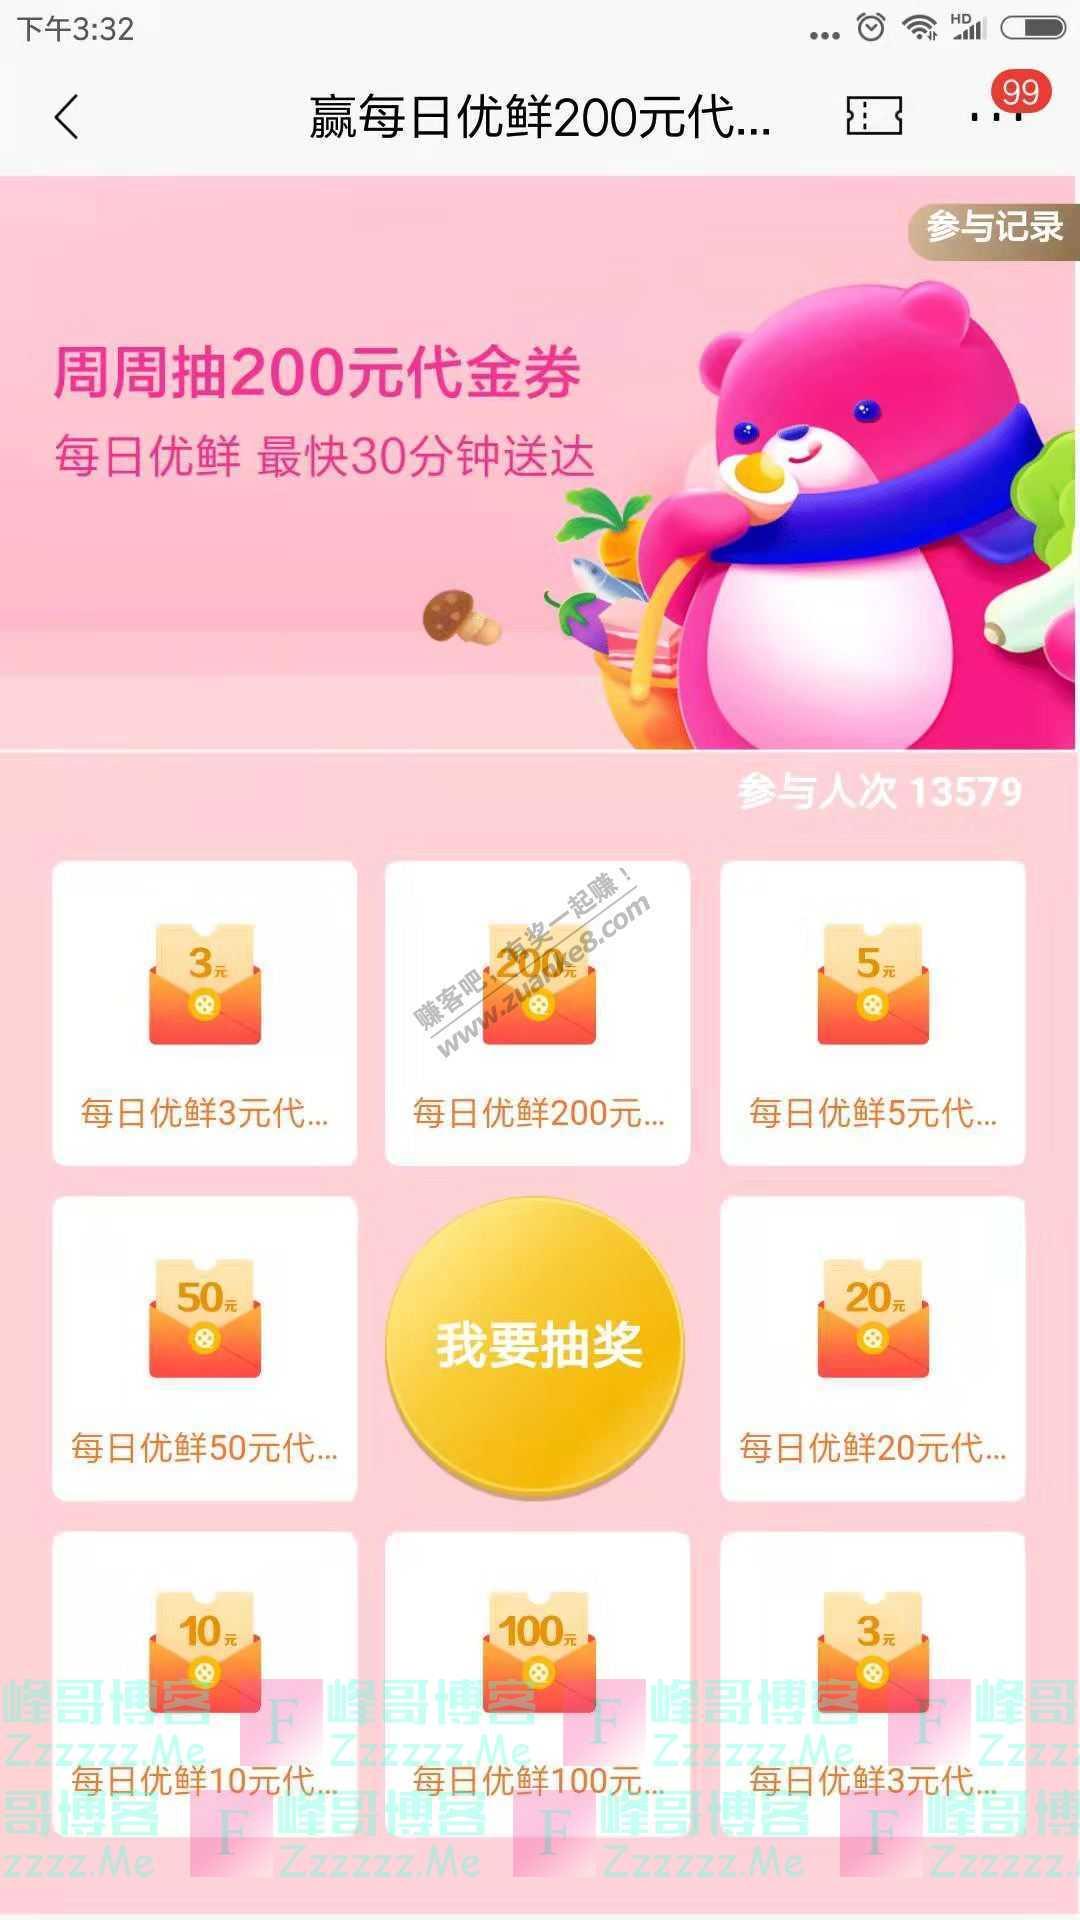 招商银行app赢每日优鲜200元代金券(截止1月28日)